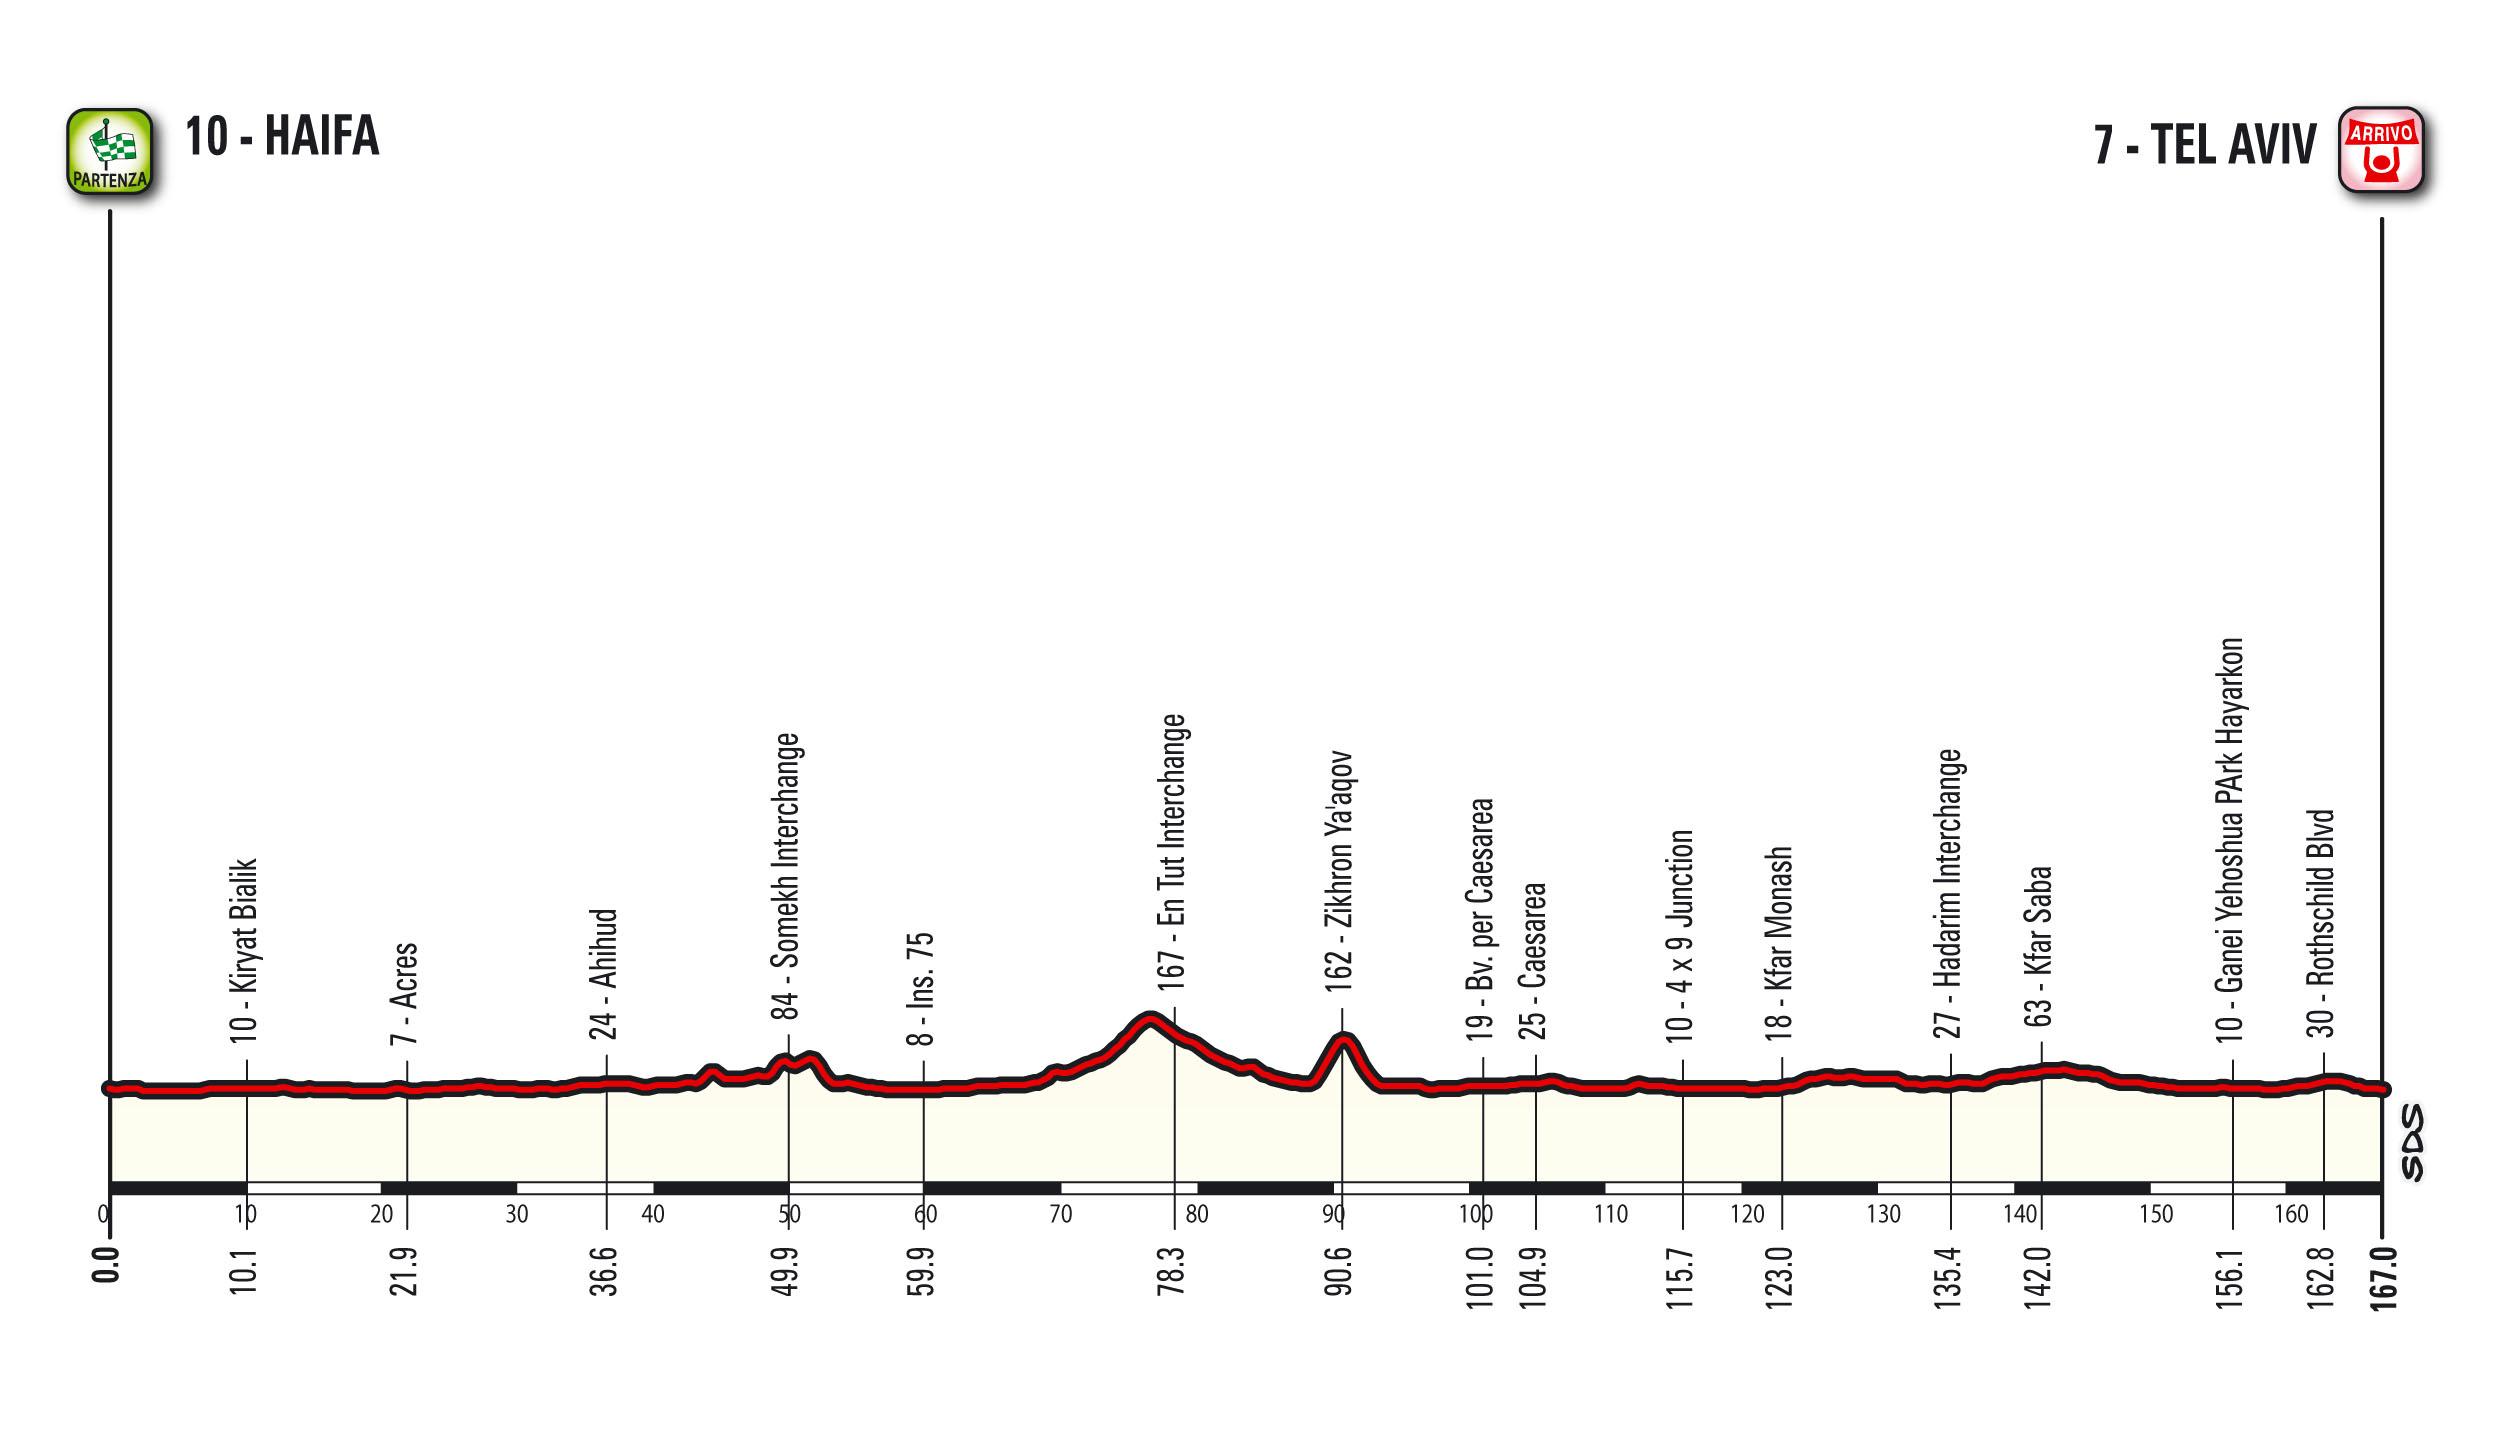 Etappe 2 Giro